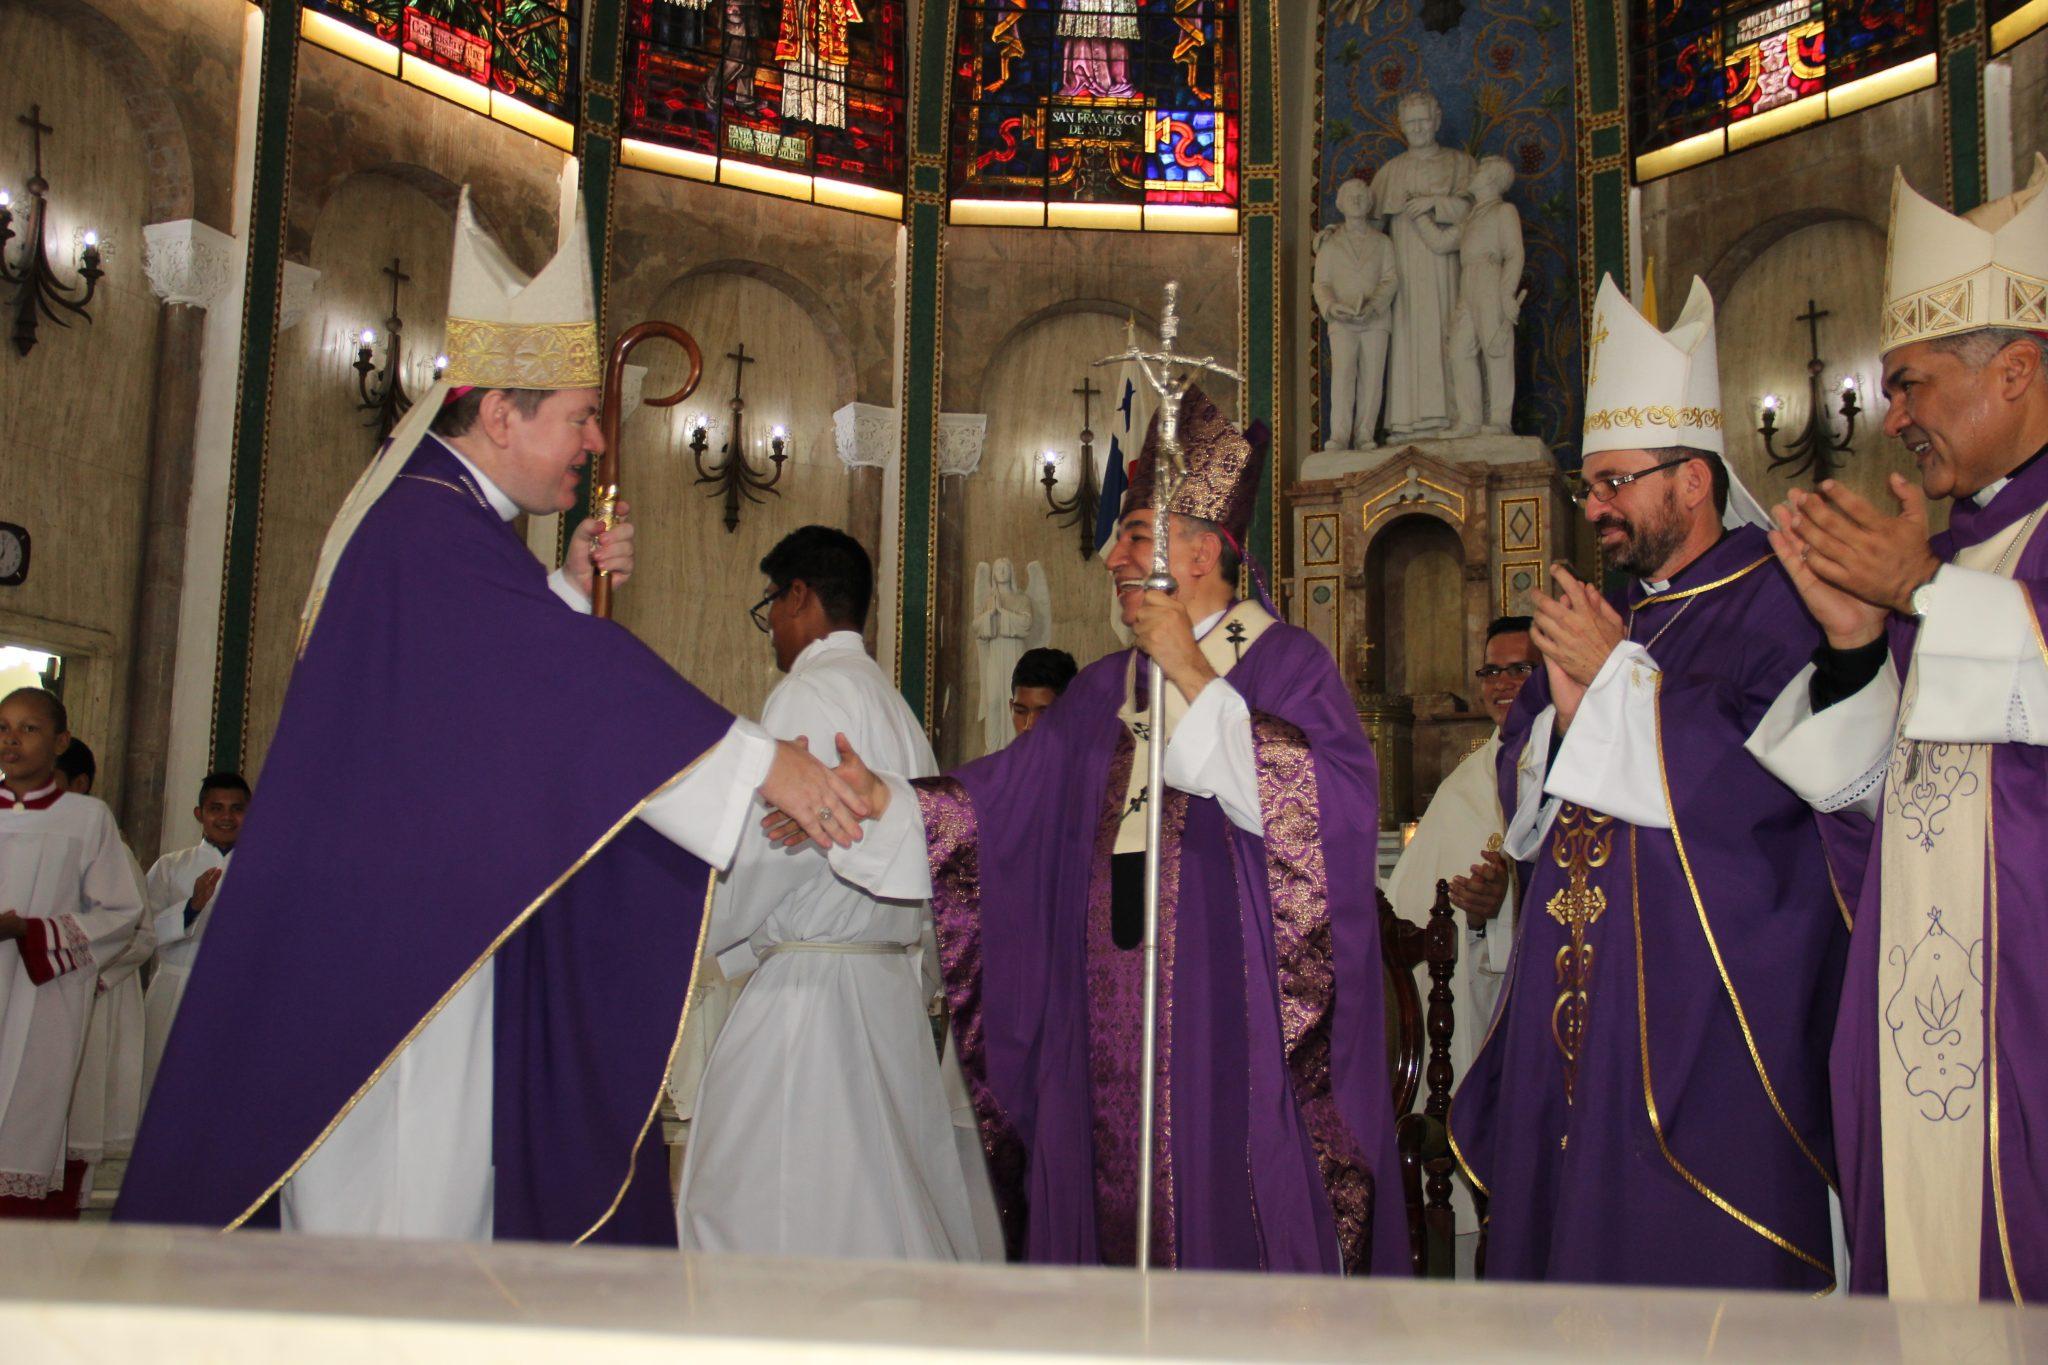 Presentación del Nuevo Nuncio